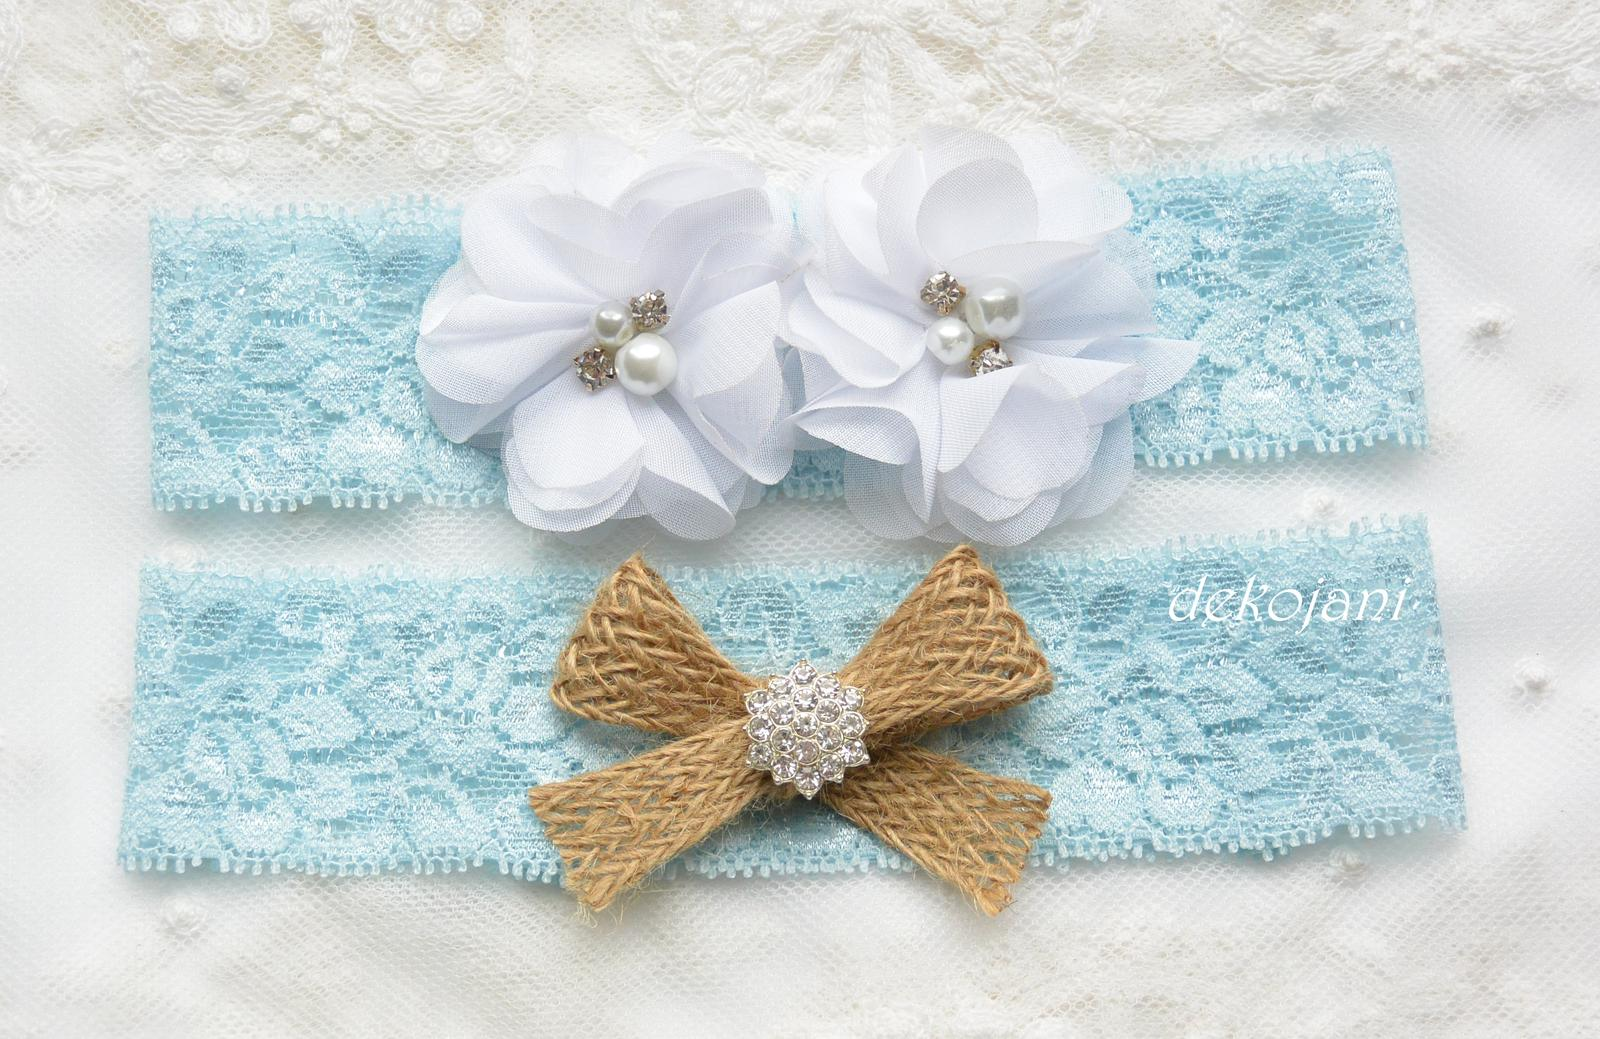 Luxusní svatební doplňky a dekorace. - Obrázek č. 33